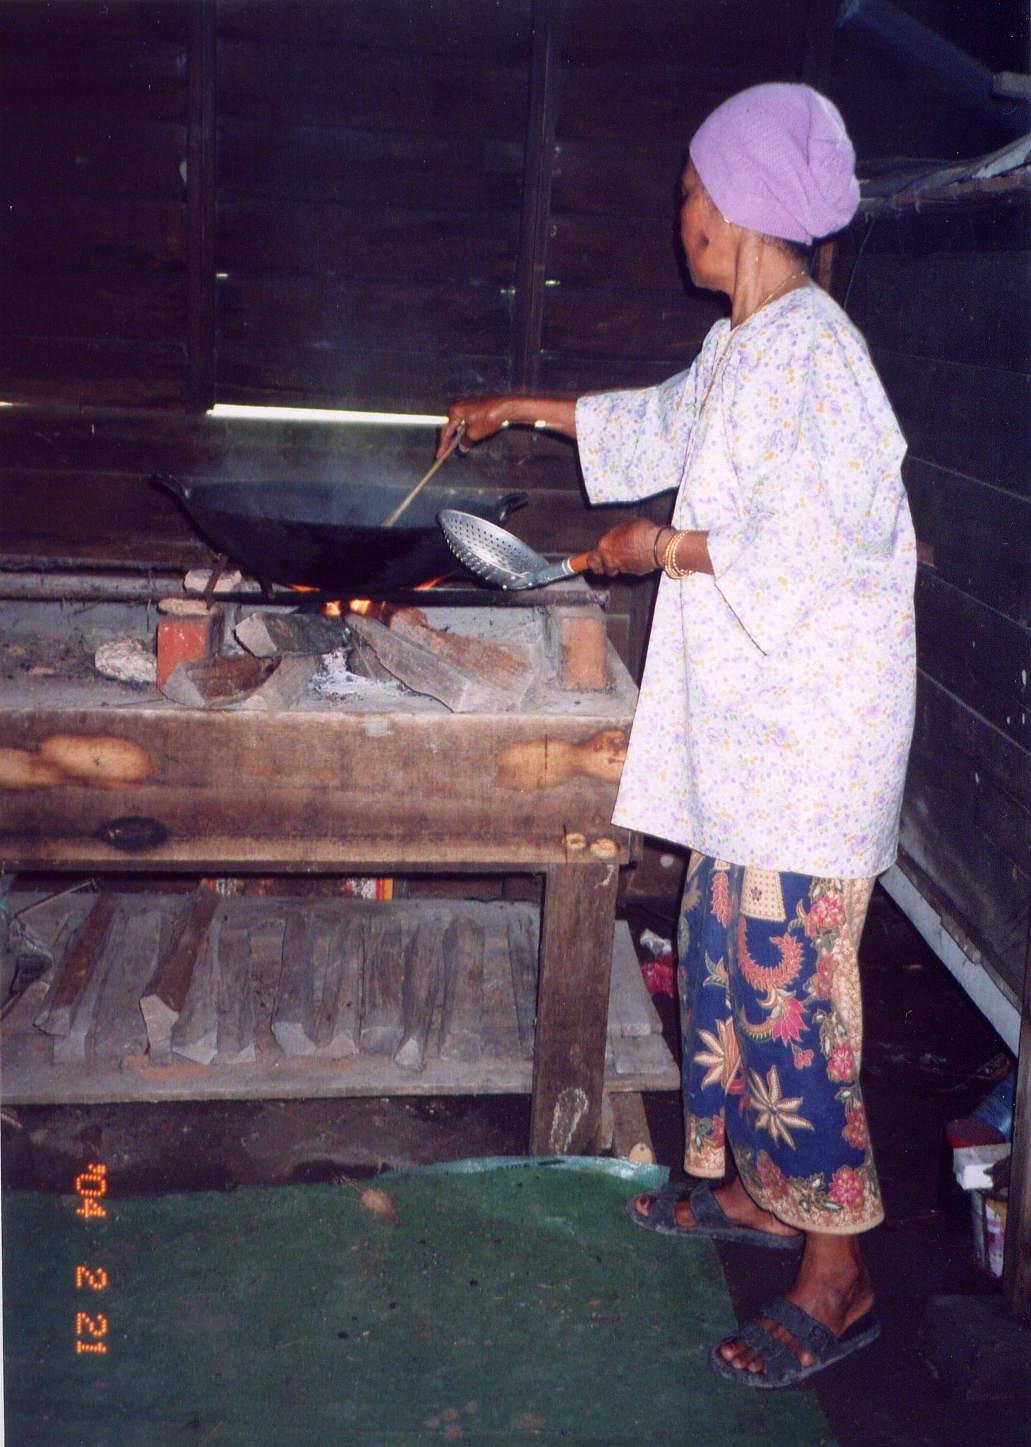 Ini Adalah Contoh Sebuah Dapur Yang Menggunakan Kayu Sebagai Bahan Pembakar Gambar Diambil Daripada Sini Kita Tak Ada La Kat Rumah Nenek